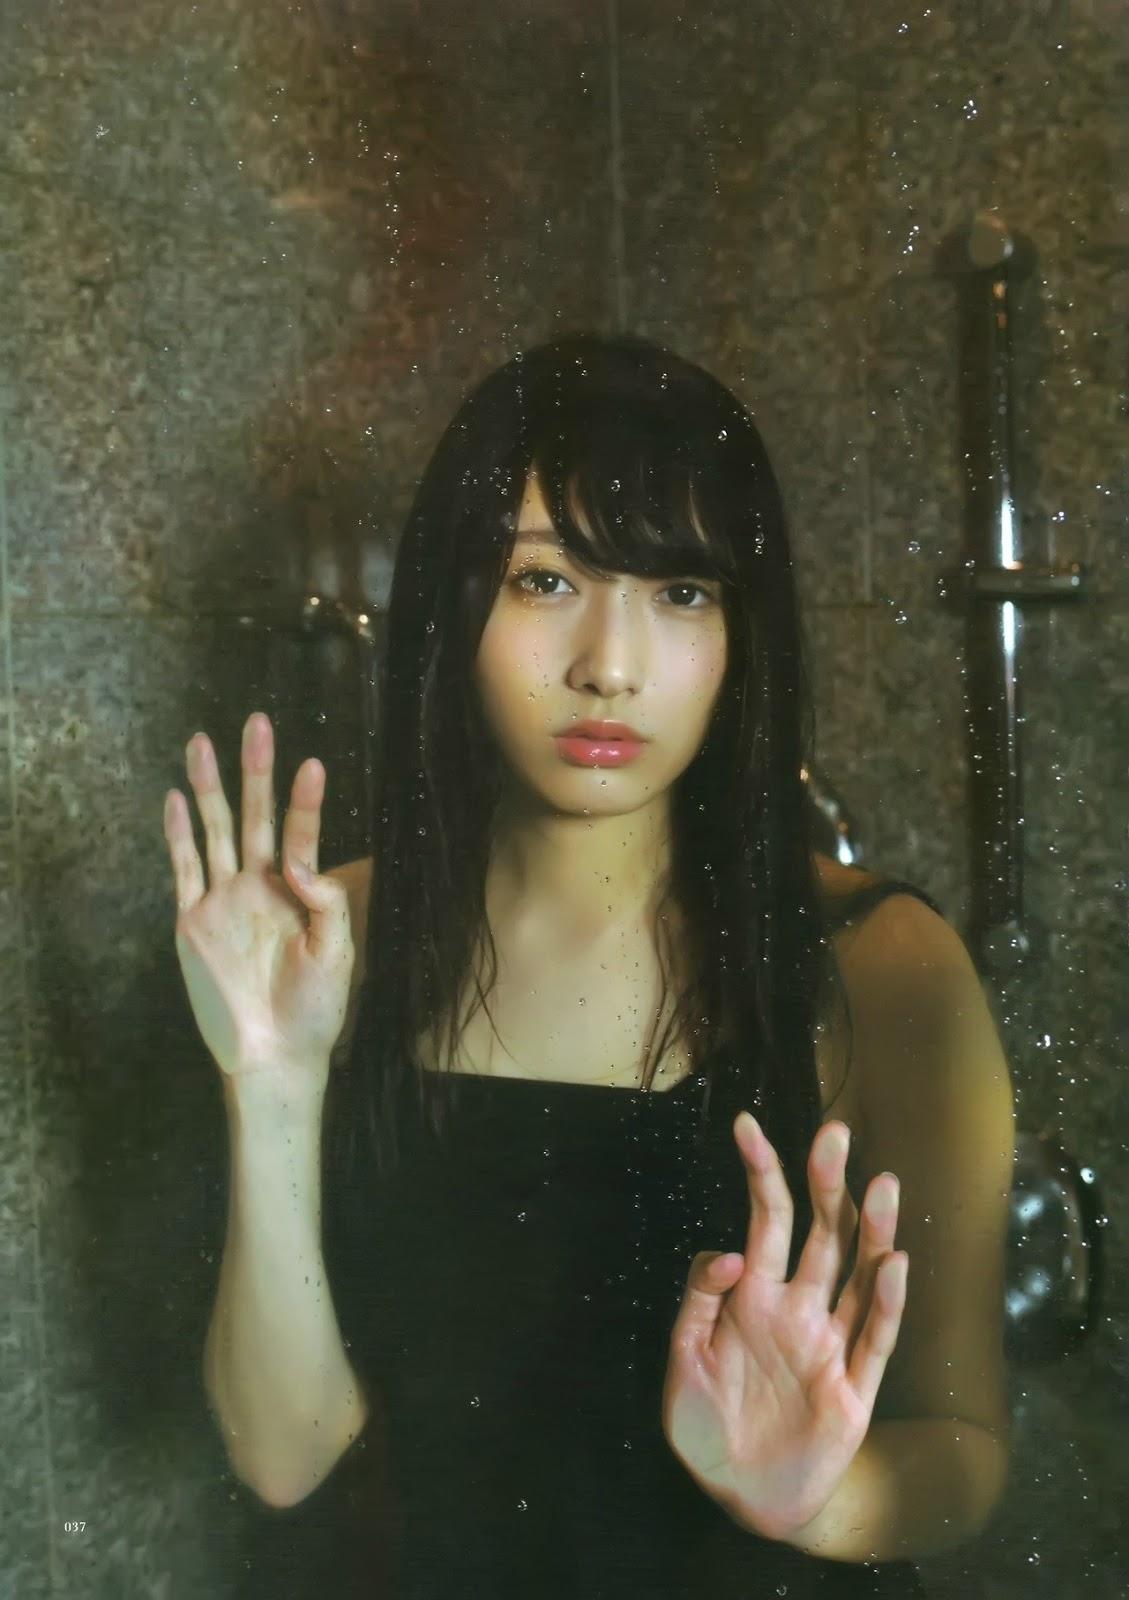 欅坂46渡辺梨加の写真集水着グラビア&アイコラエロ画像97枚・29枚目の画像